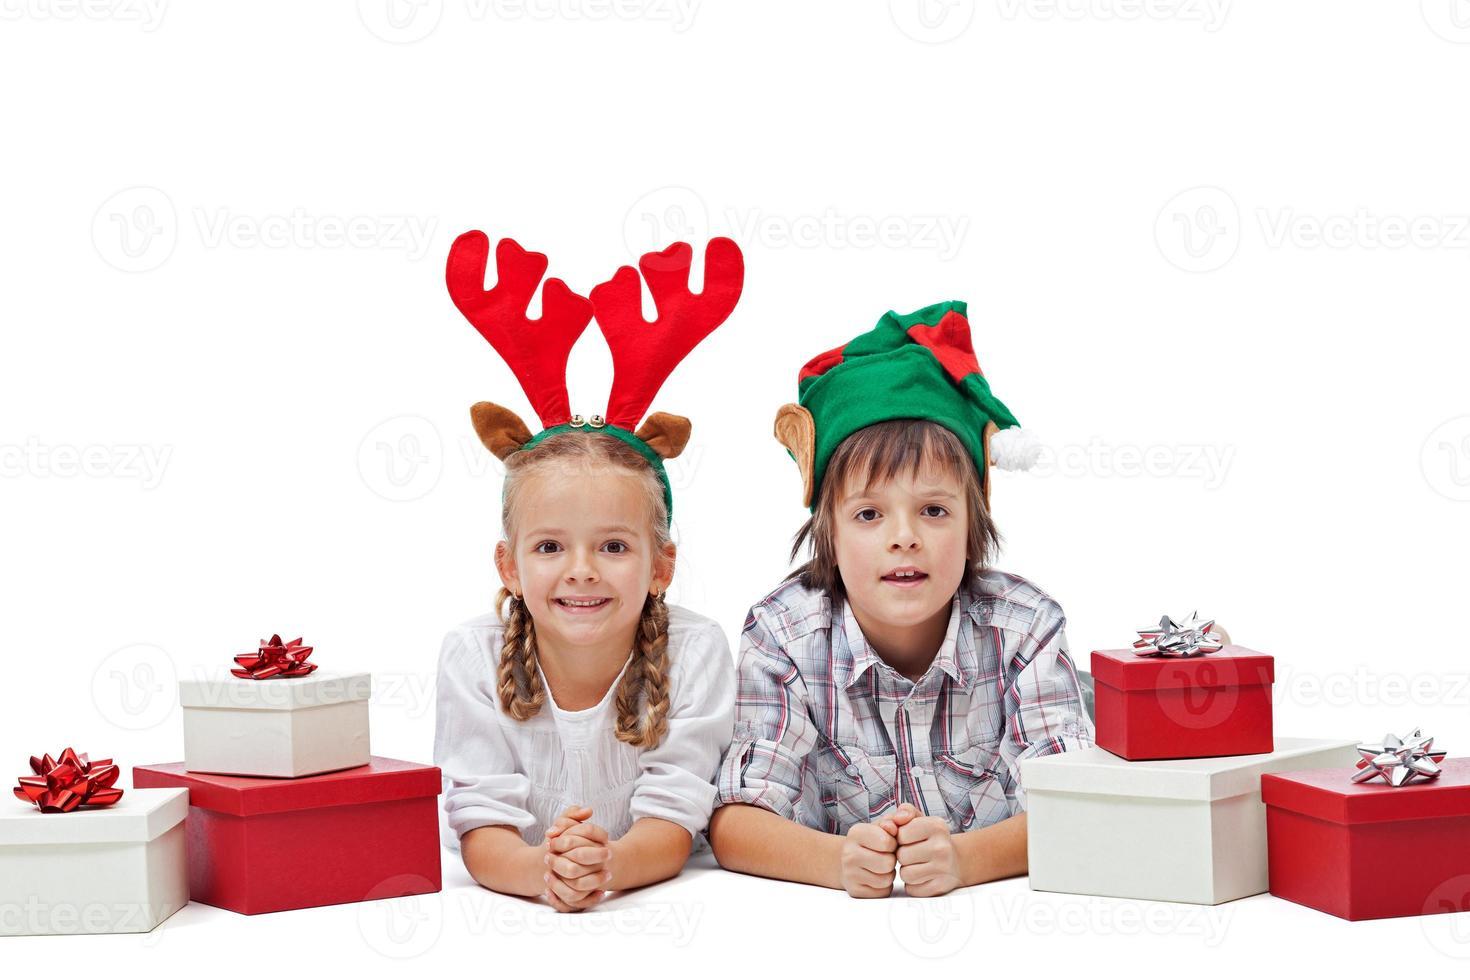 glada barn med älv- och renhattar som ligger mellan presenter foto